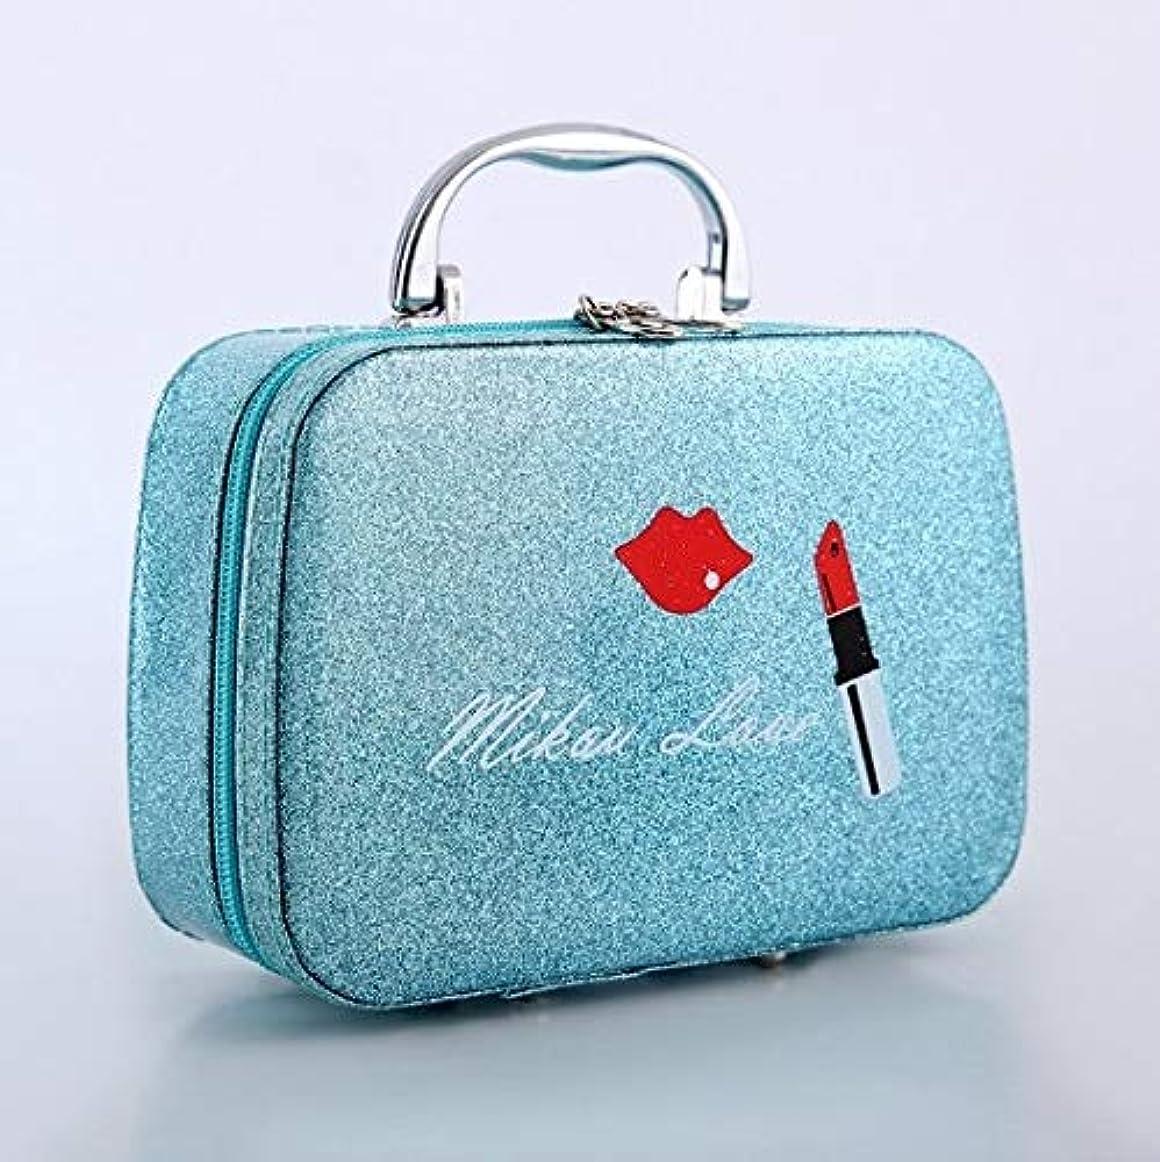 化粧箱、口紅の唇、スクラブ、携帯用化粧品ケース、携帯用旅行化粧品ケース、美容ネイルジュエリー収納ボックス